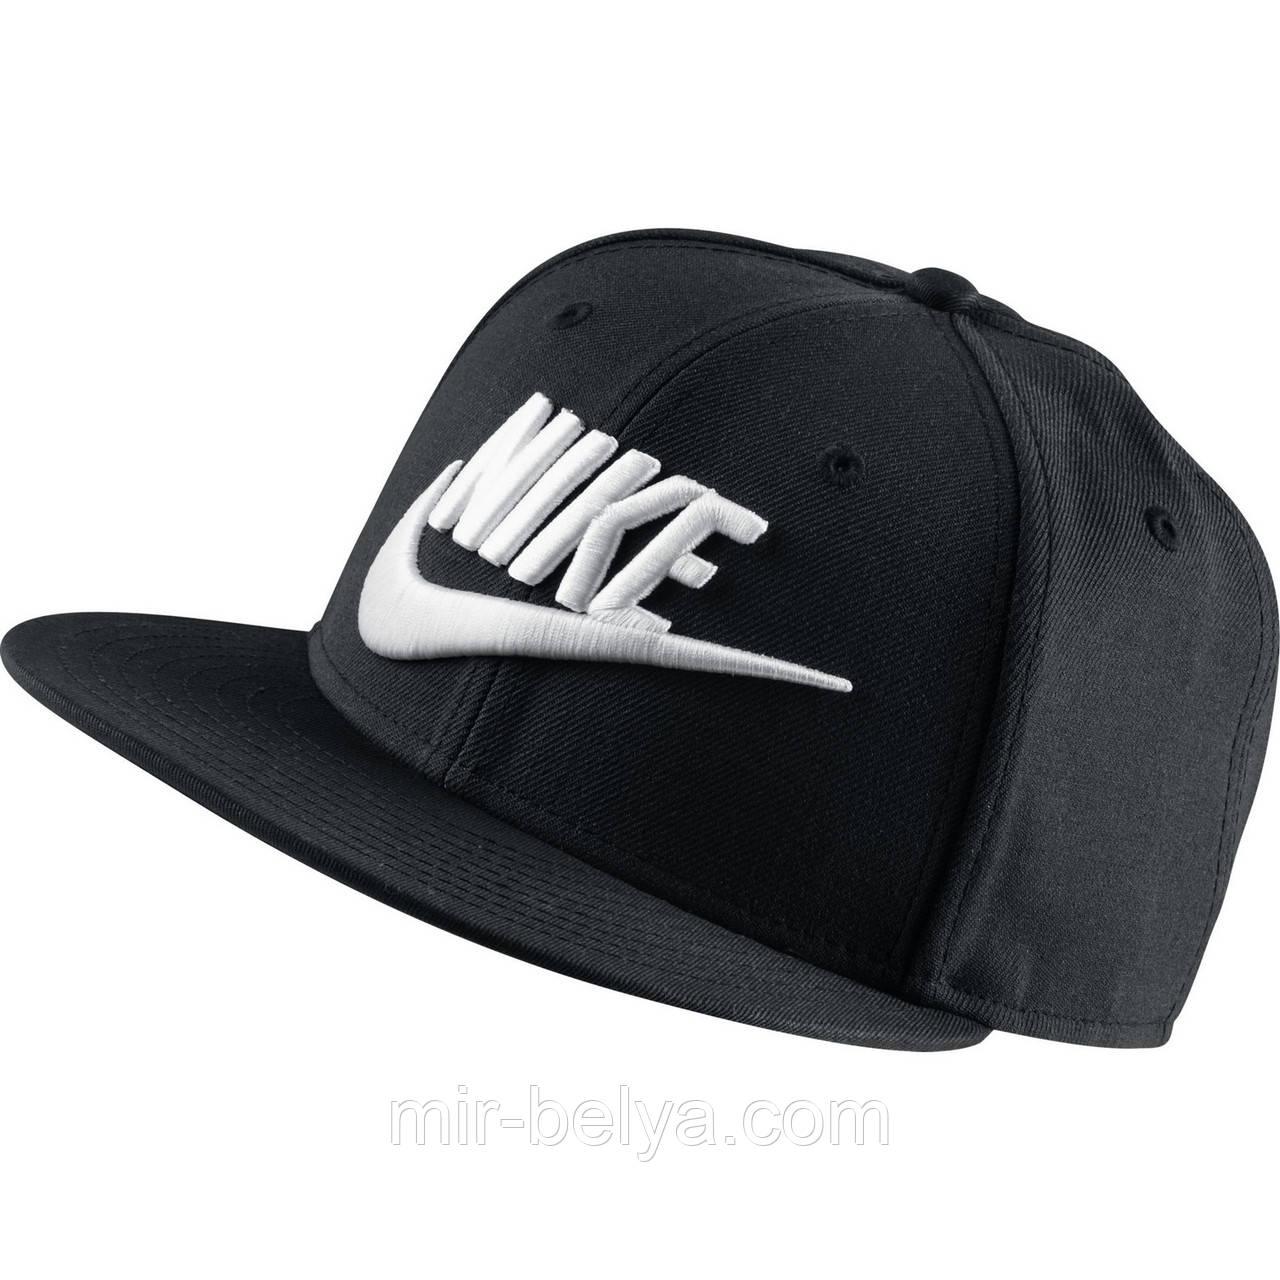 Кепка NIKE с прямым козырьком Nike Snapback Cap in Black - MIR-BELYA в Киеве 174cbe6b08c2d